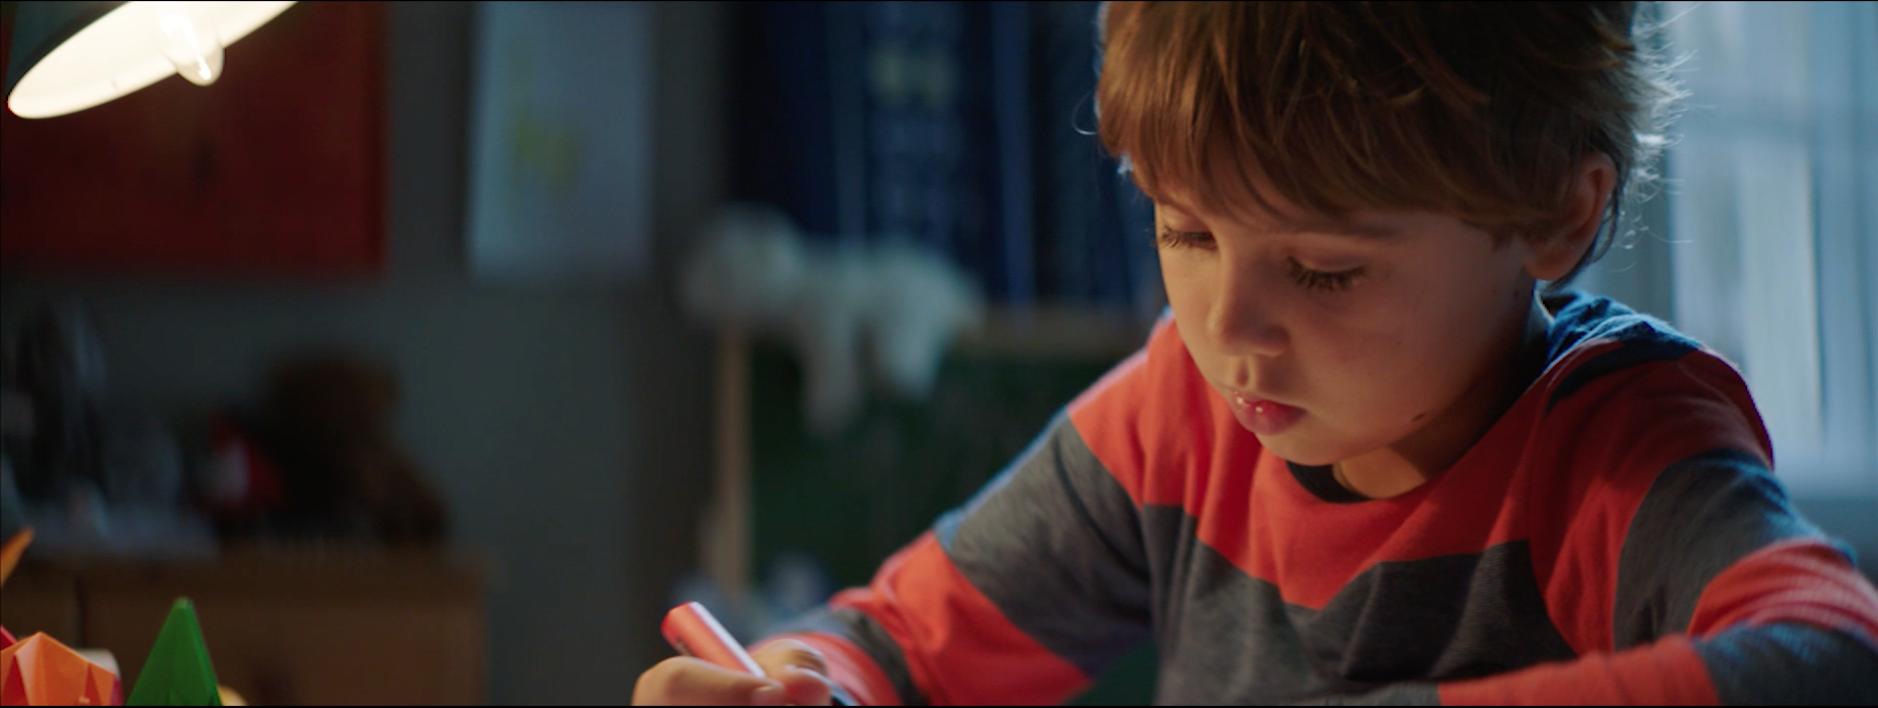 Junge schreibt Wunschzettel